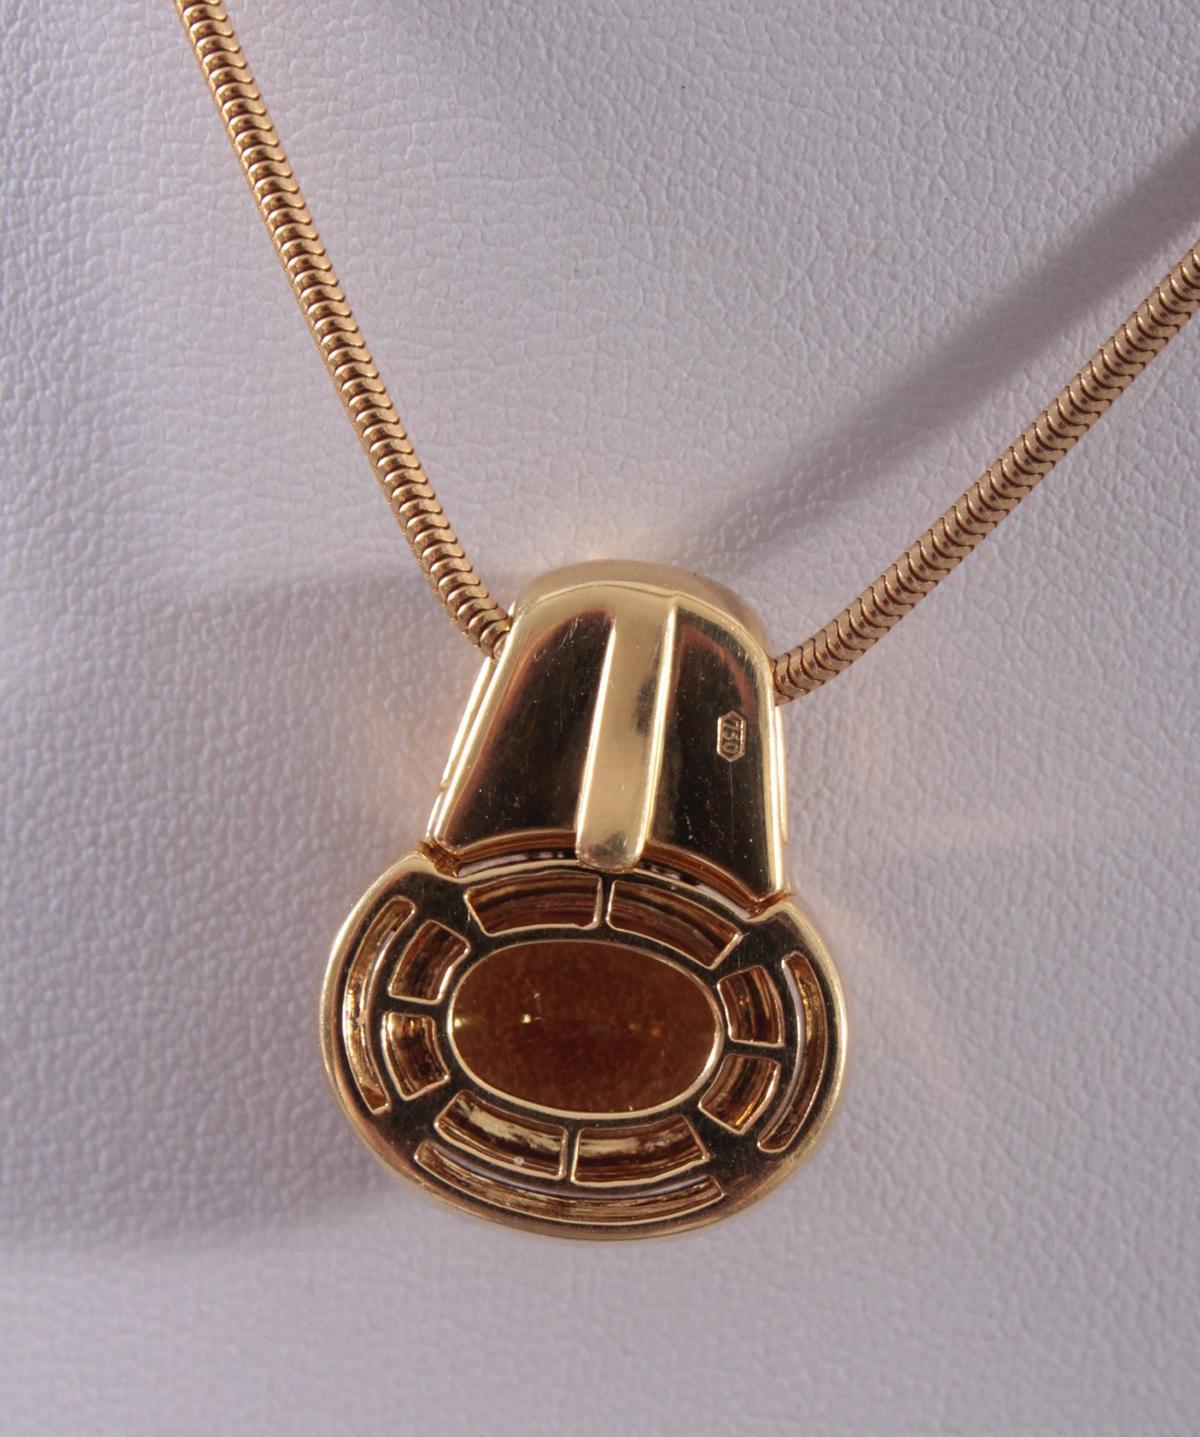 Halskette mit Citrinanhänger aus 18 Karat Gelbgold-3